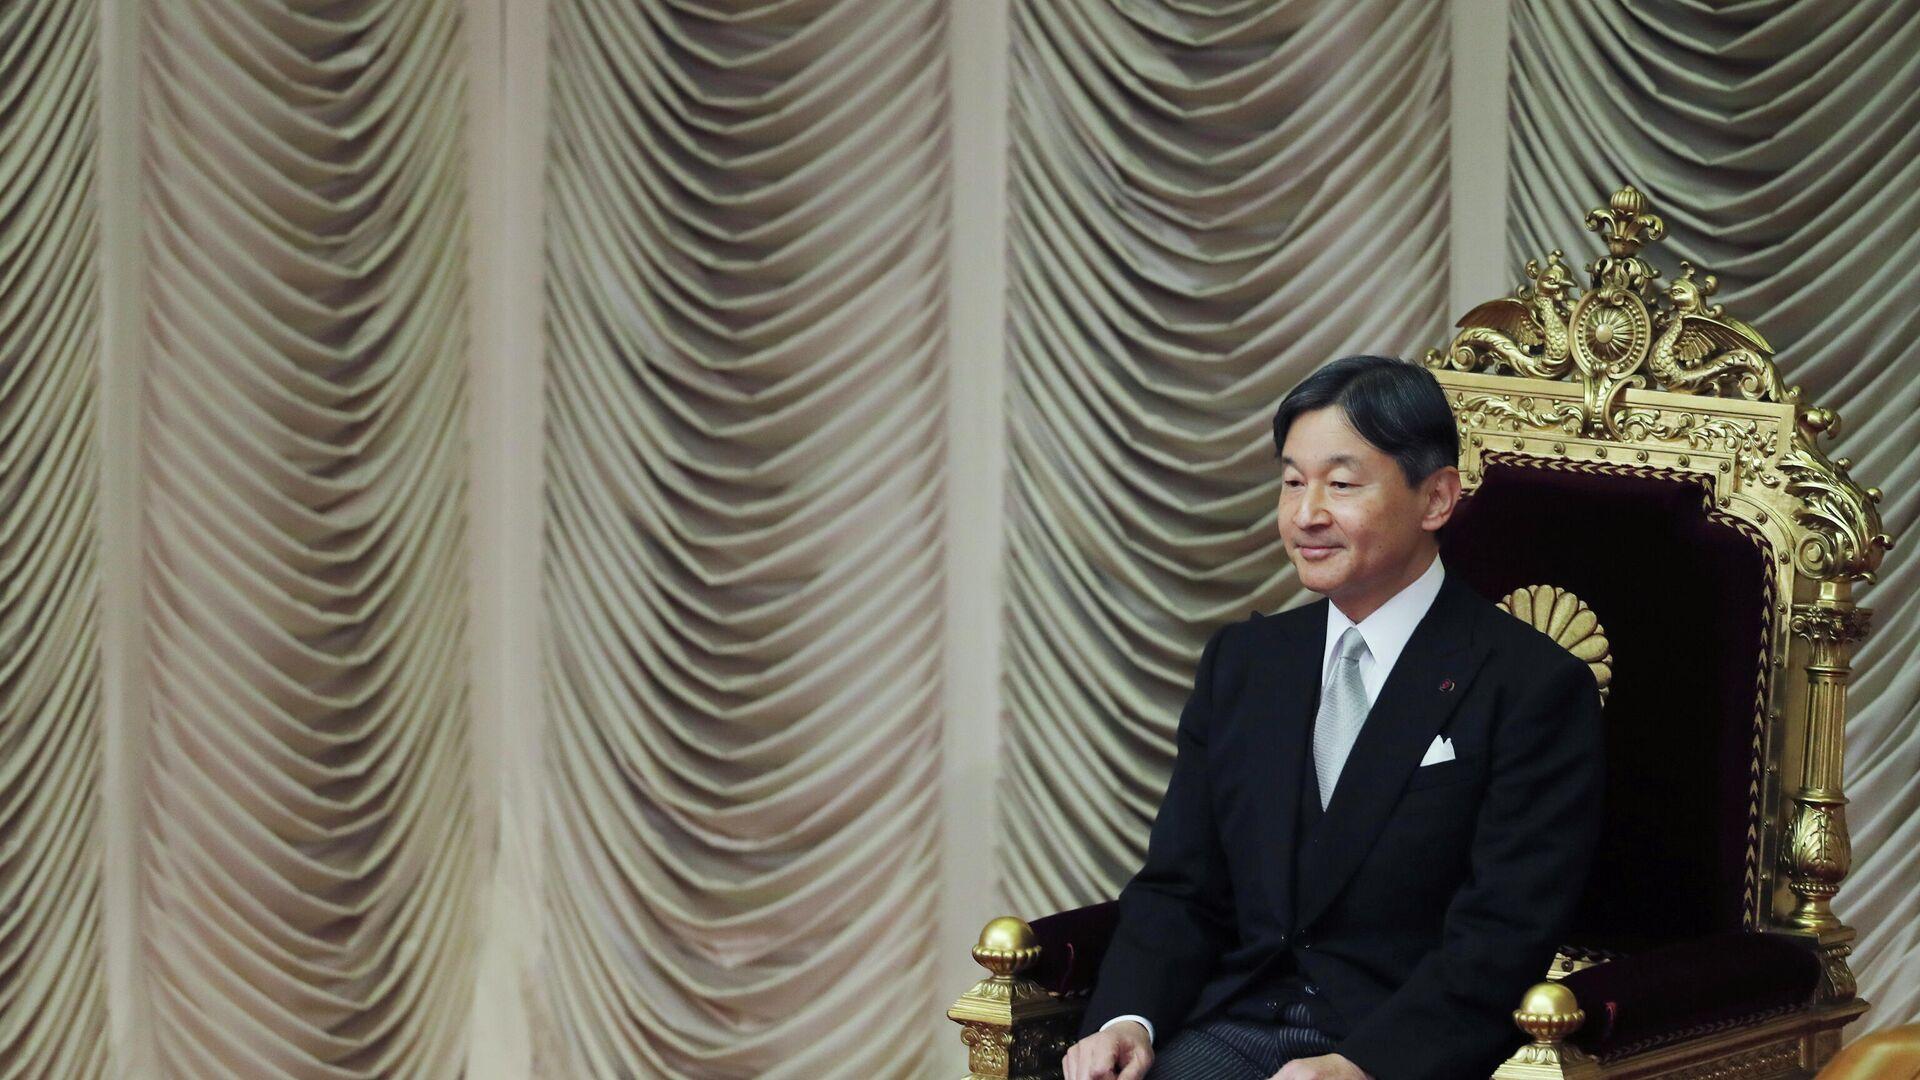 El emperador de Japón, Naruhito - Sputnik Mundo, 1920, 23.07.2021